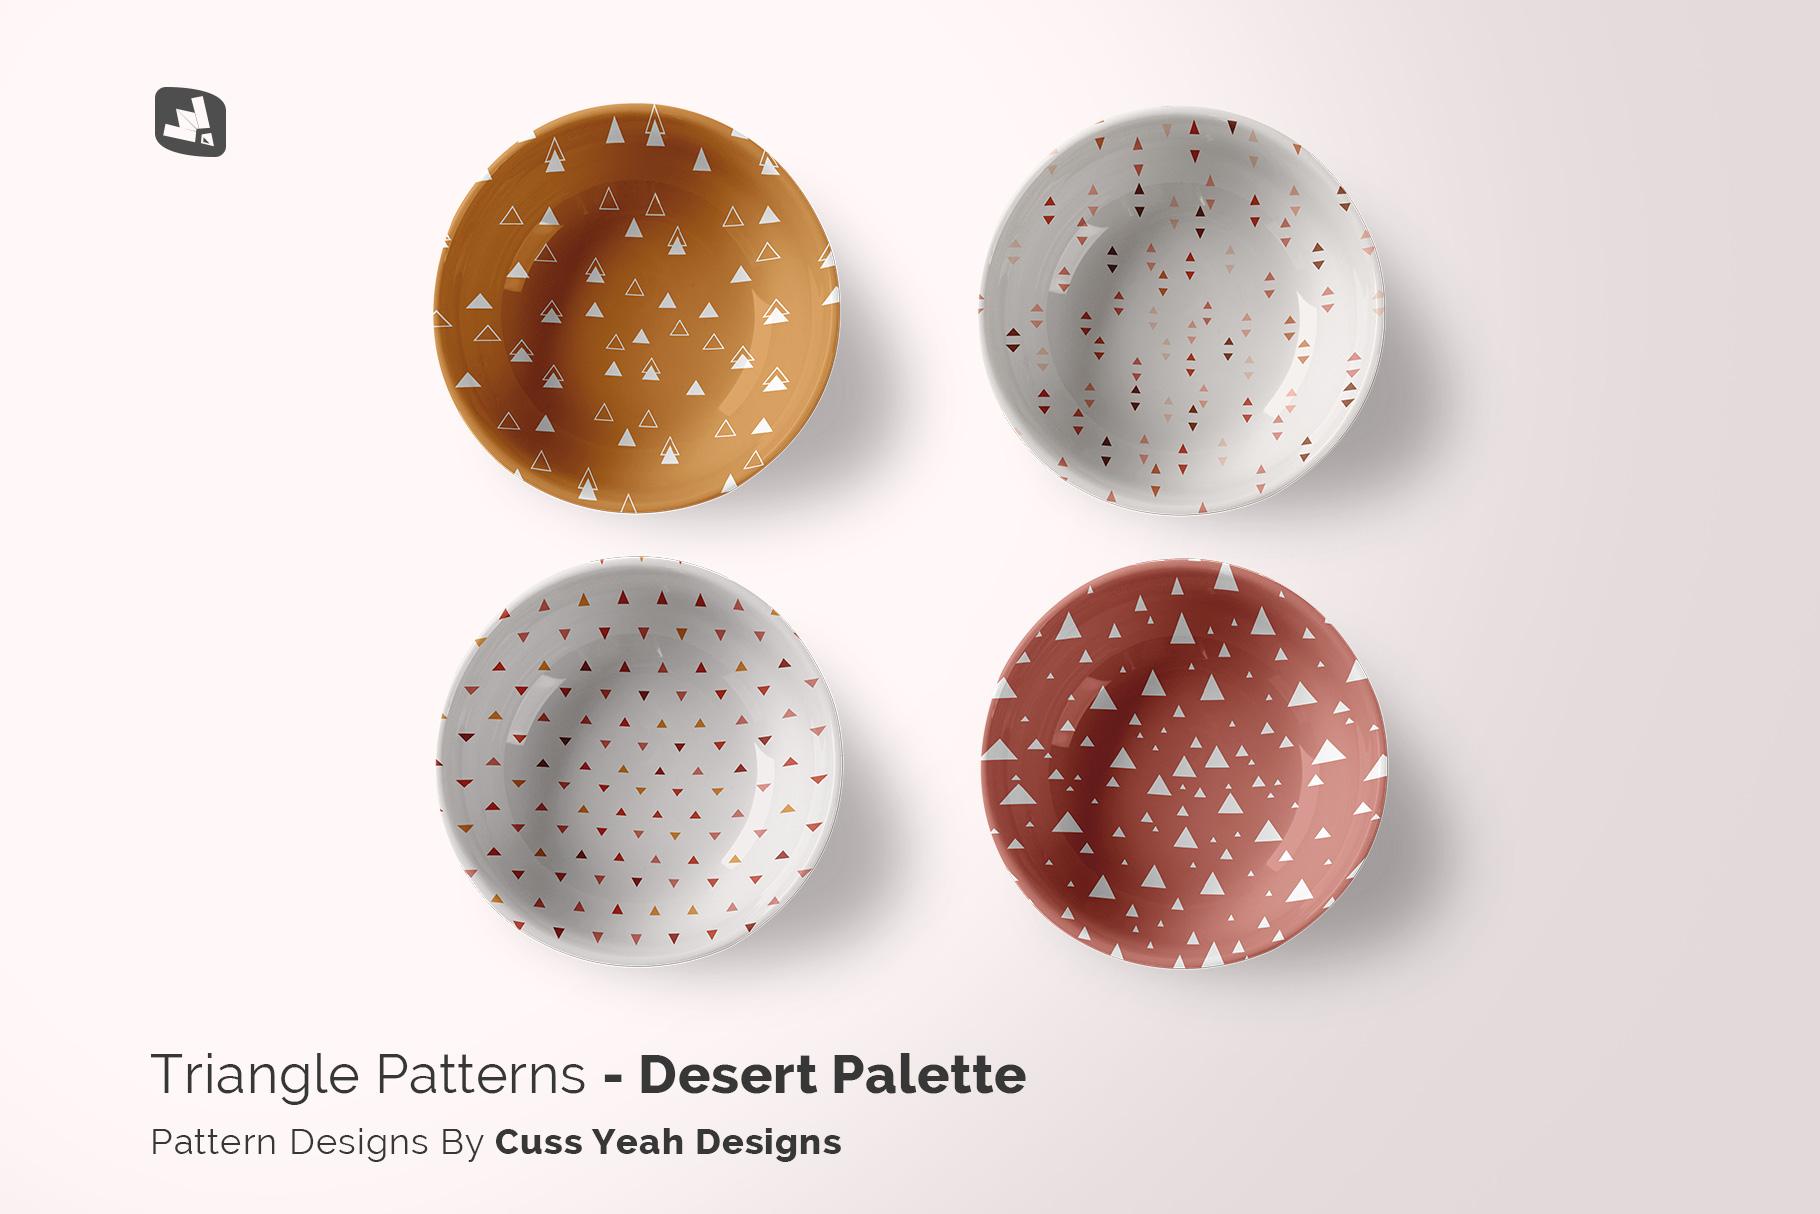 designer's credit of the top view deep ceramic bowl mockup